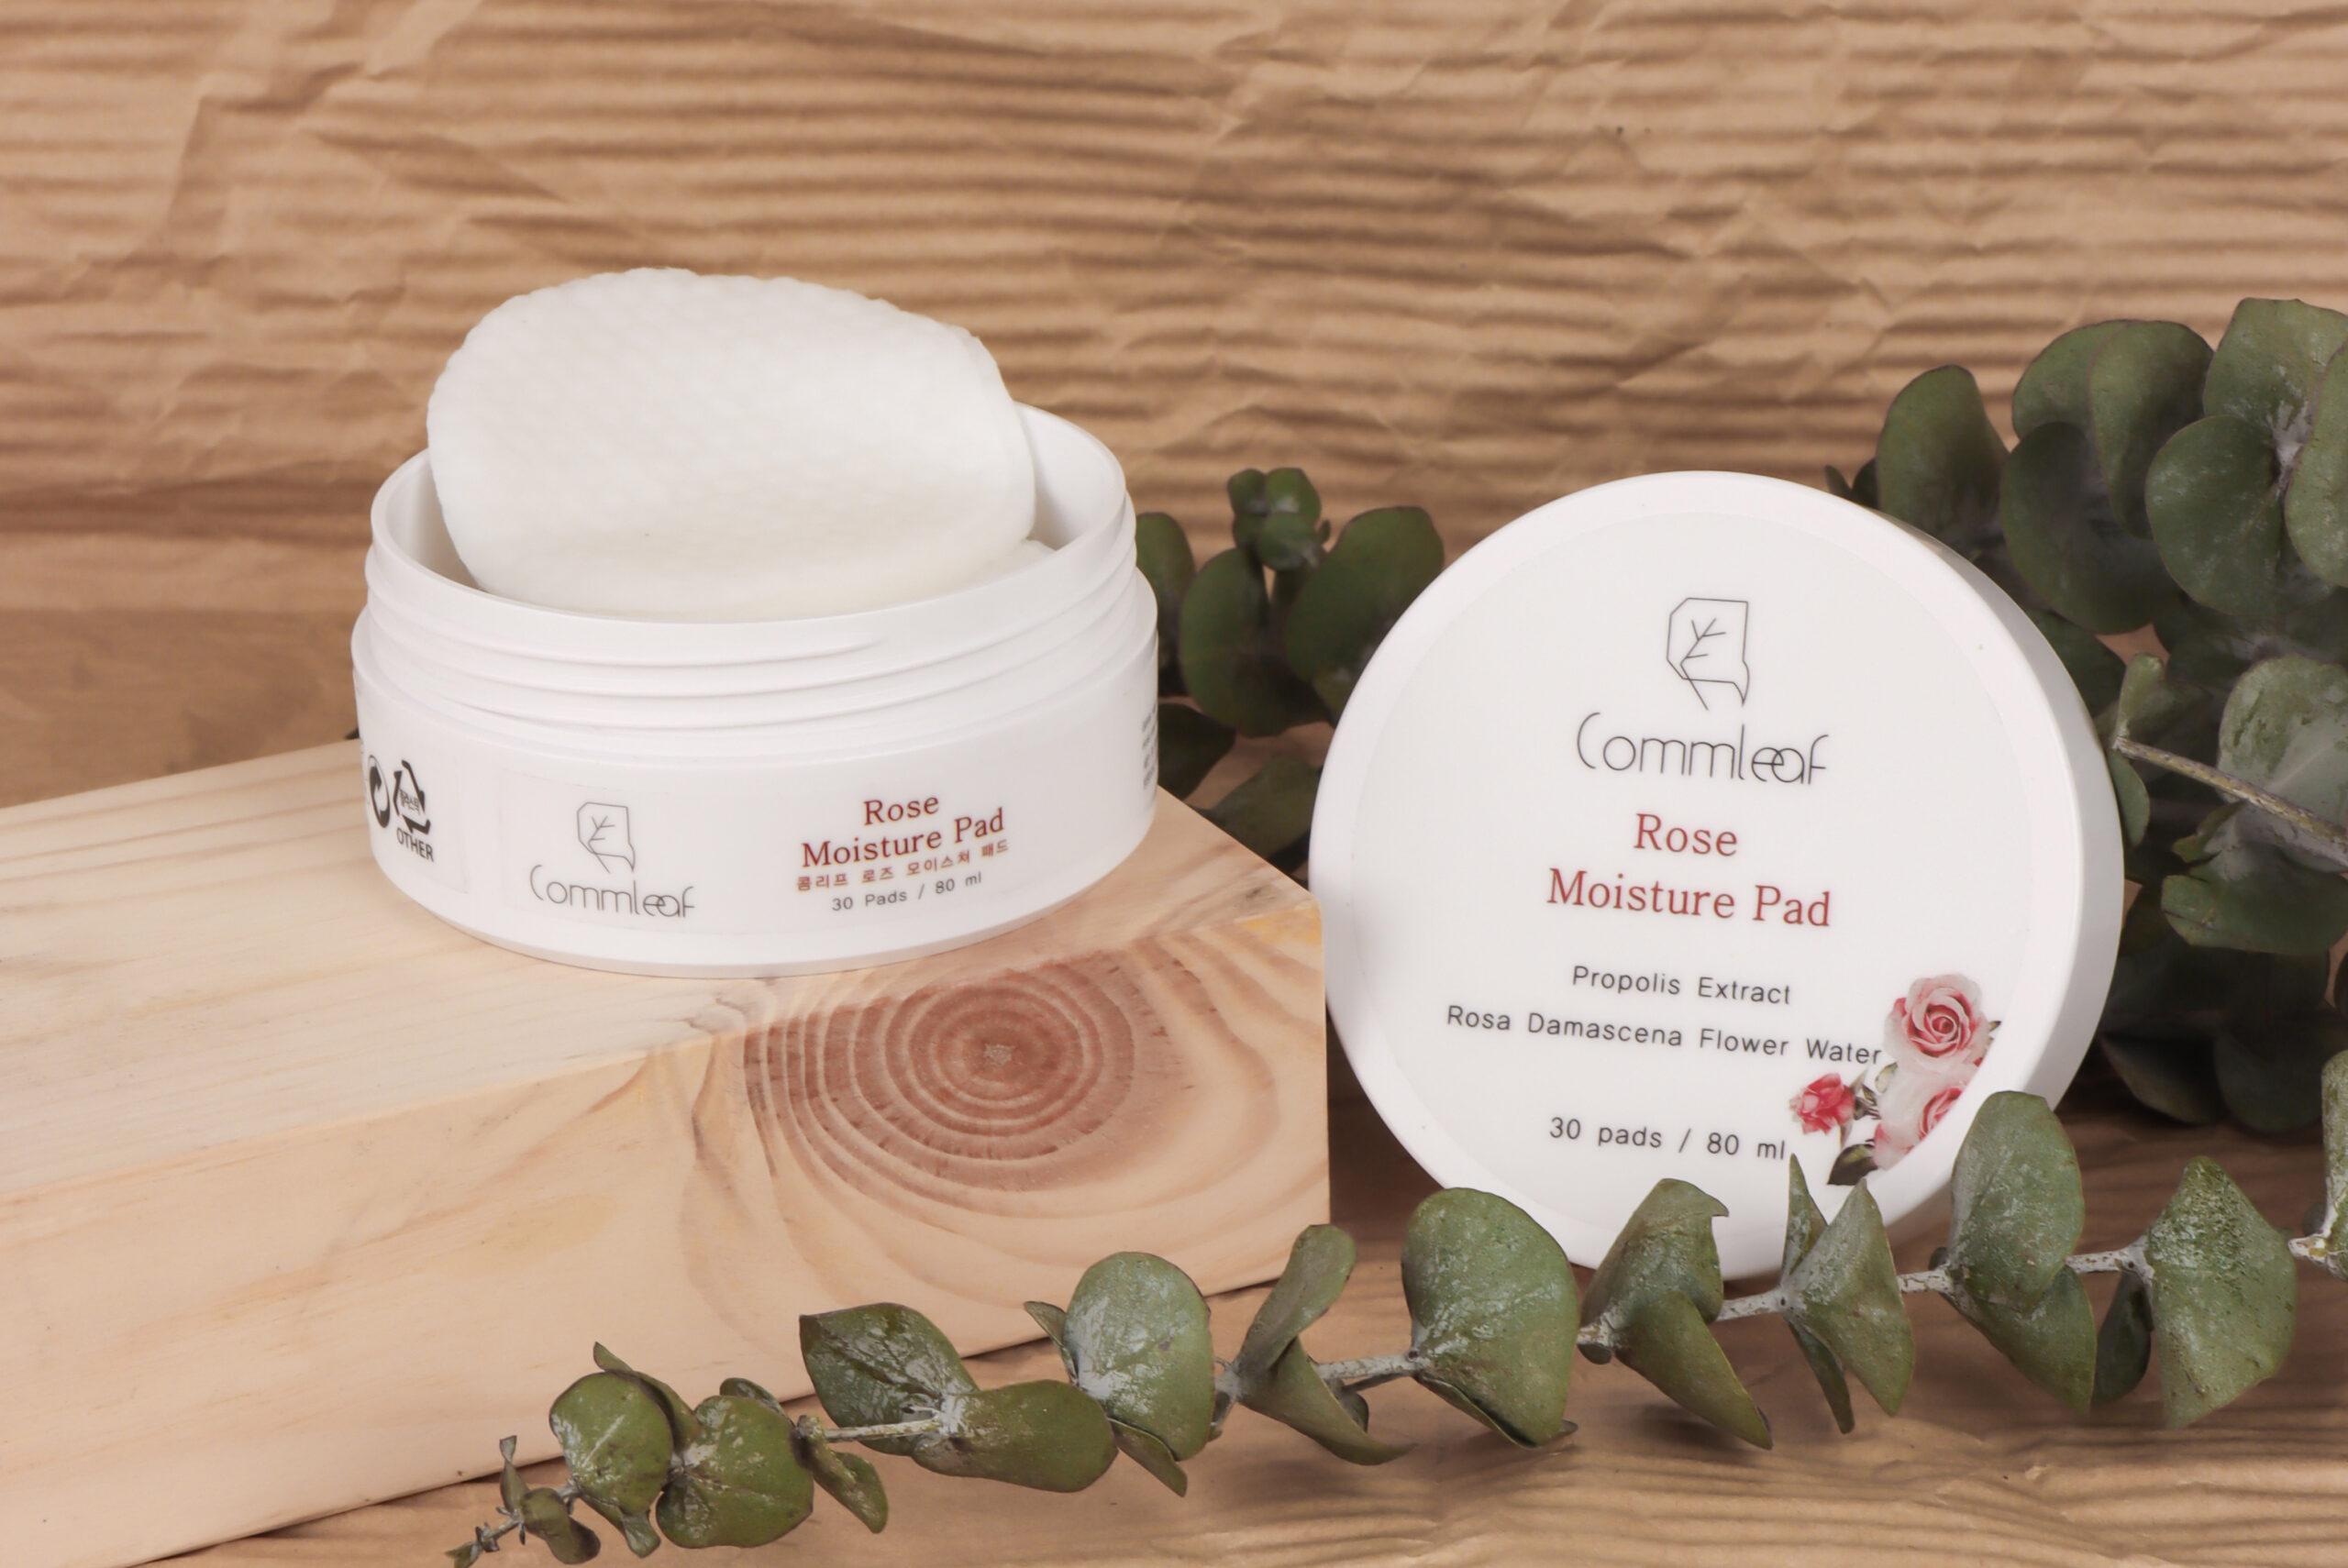 Commleaf Moisture pads Lief Essentials